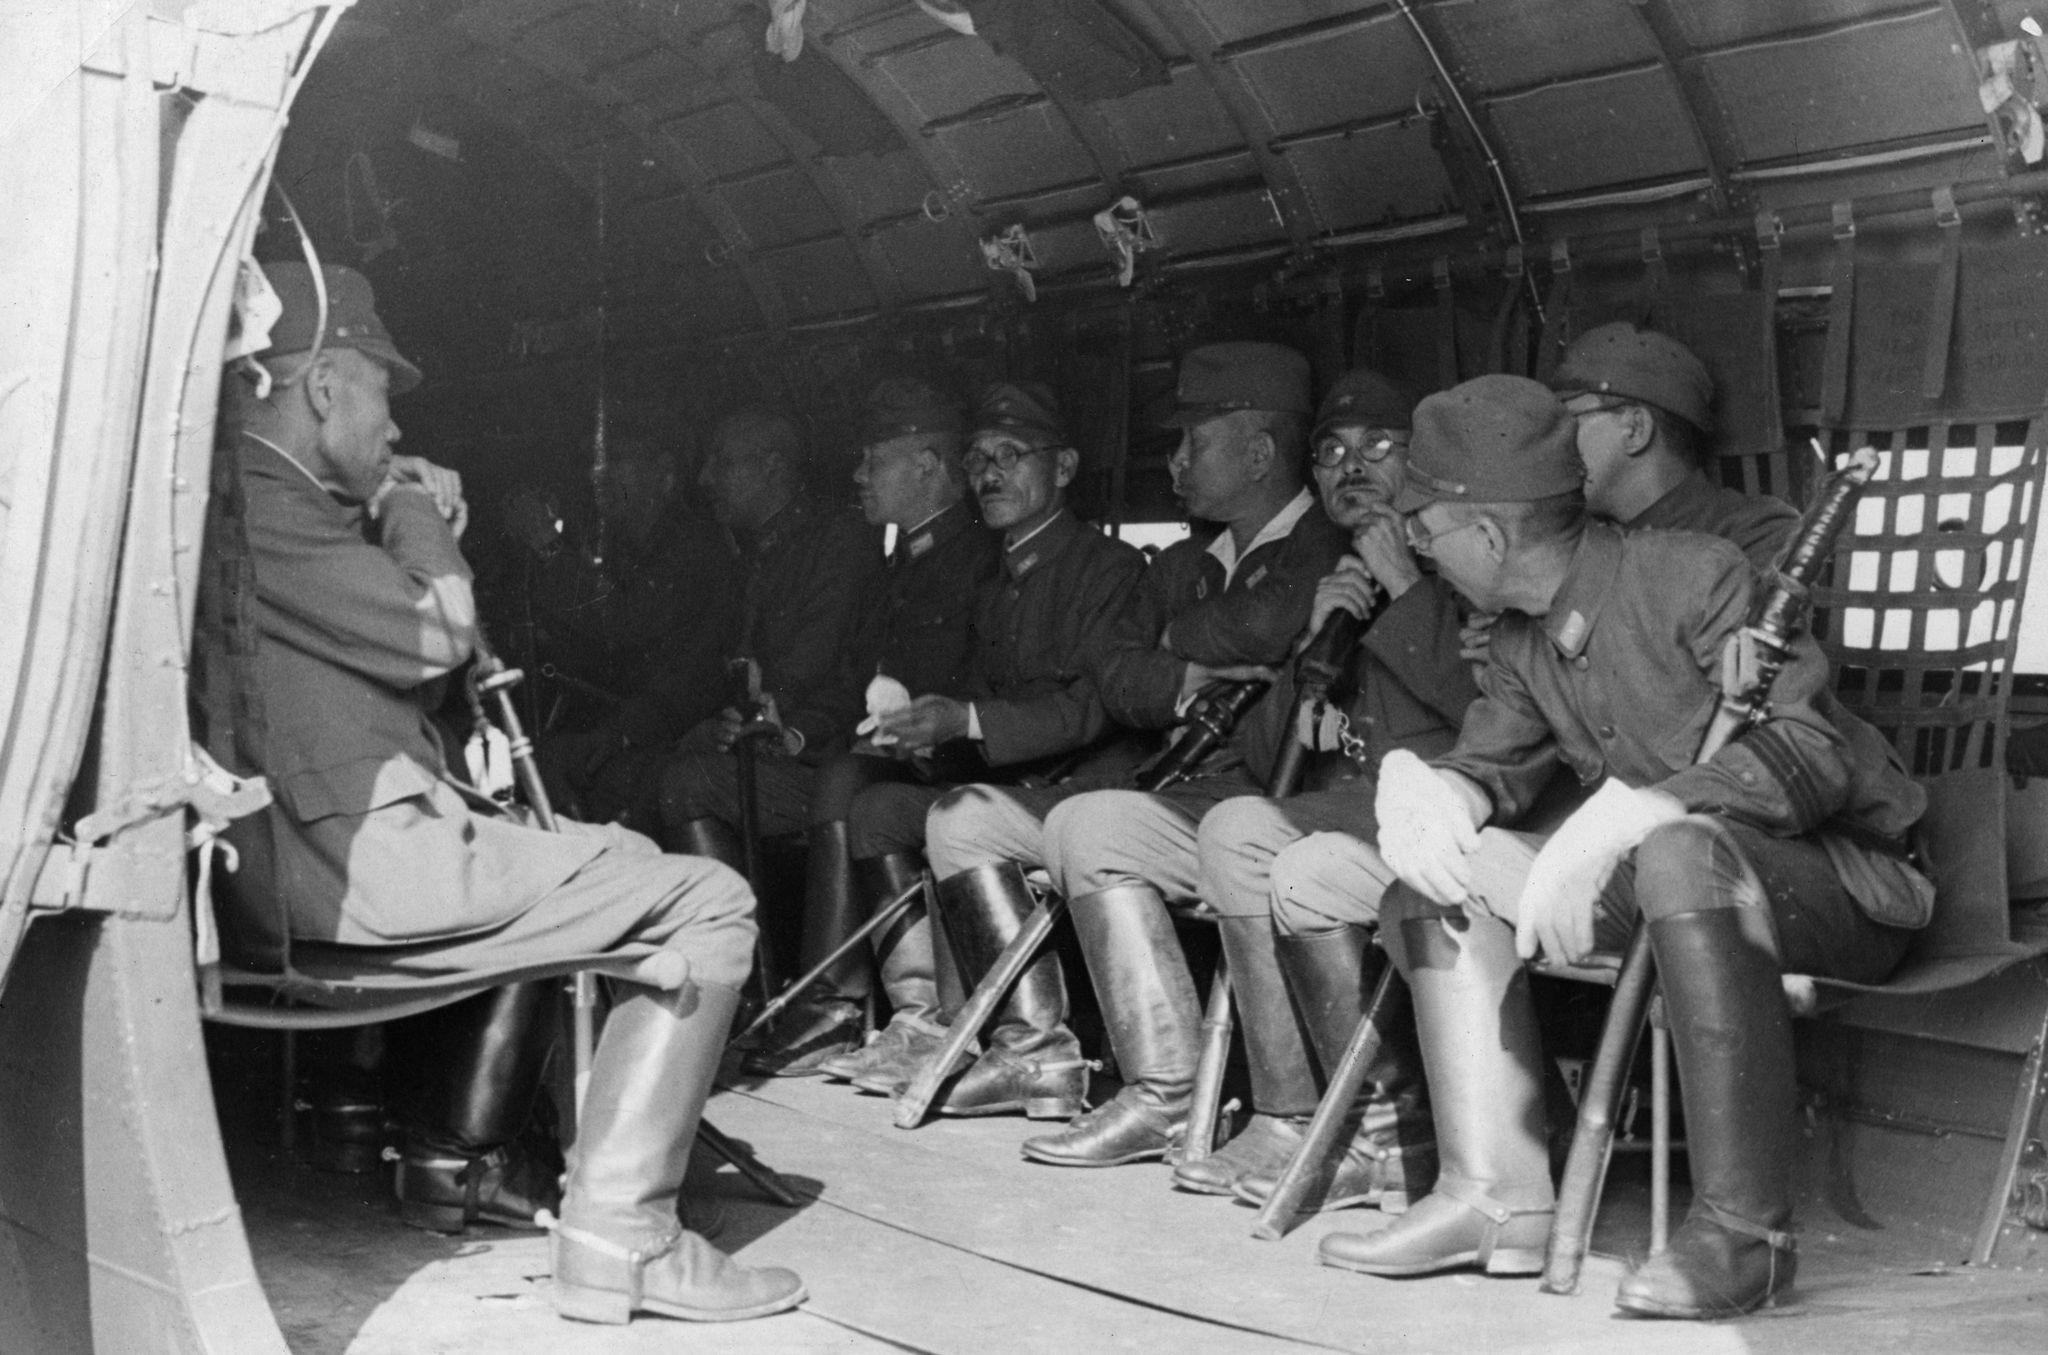 1945. Маньчжурская операция. Японские генералы третьего фронта Квантунской армии переправляются в тыл советской армии после капитуляции в Мукдене